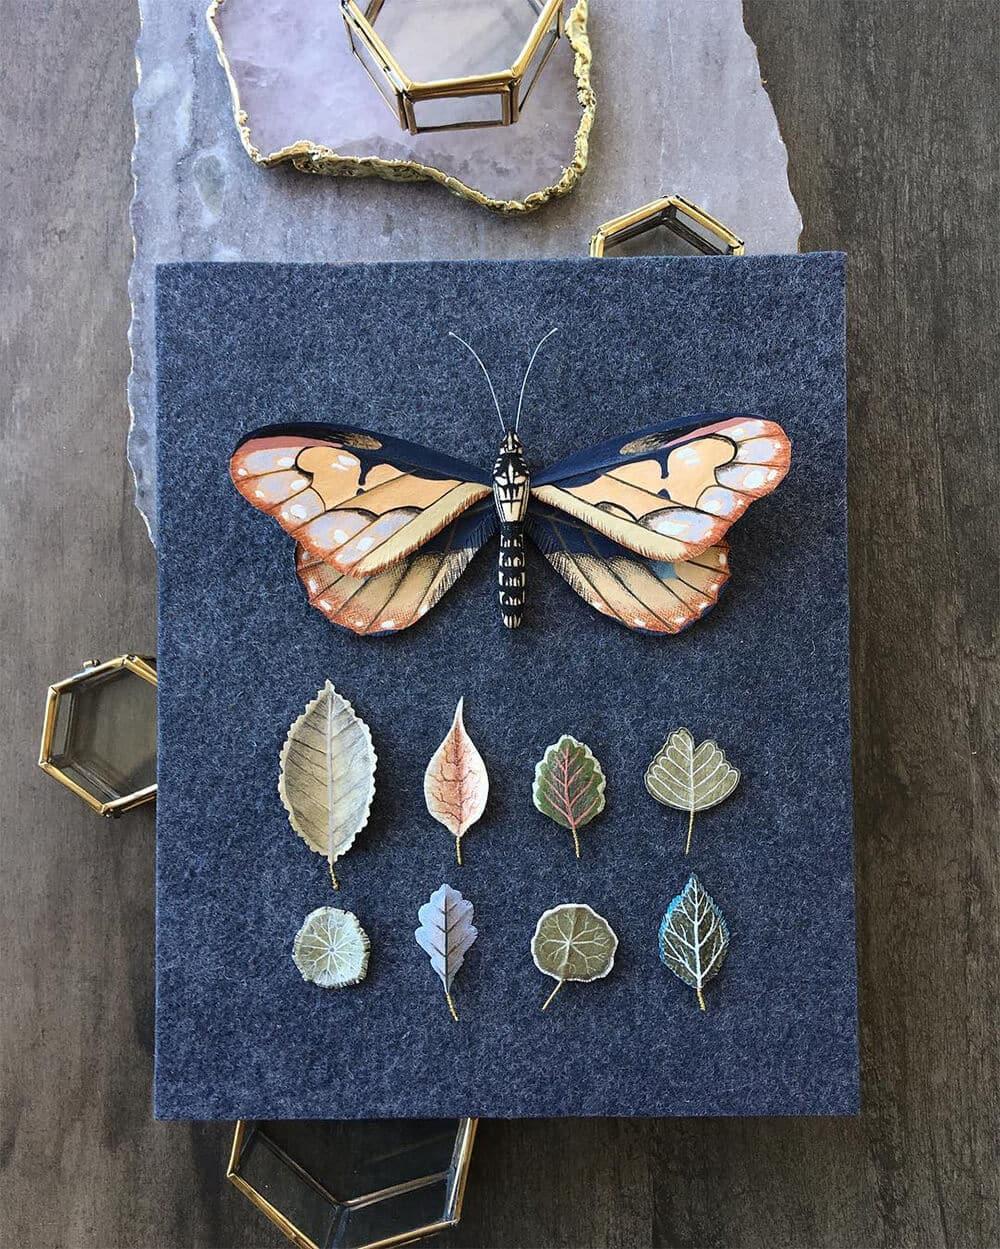 Бумажные модели флоры и фауны, фото 6